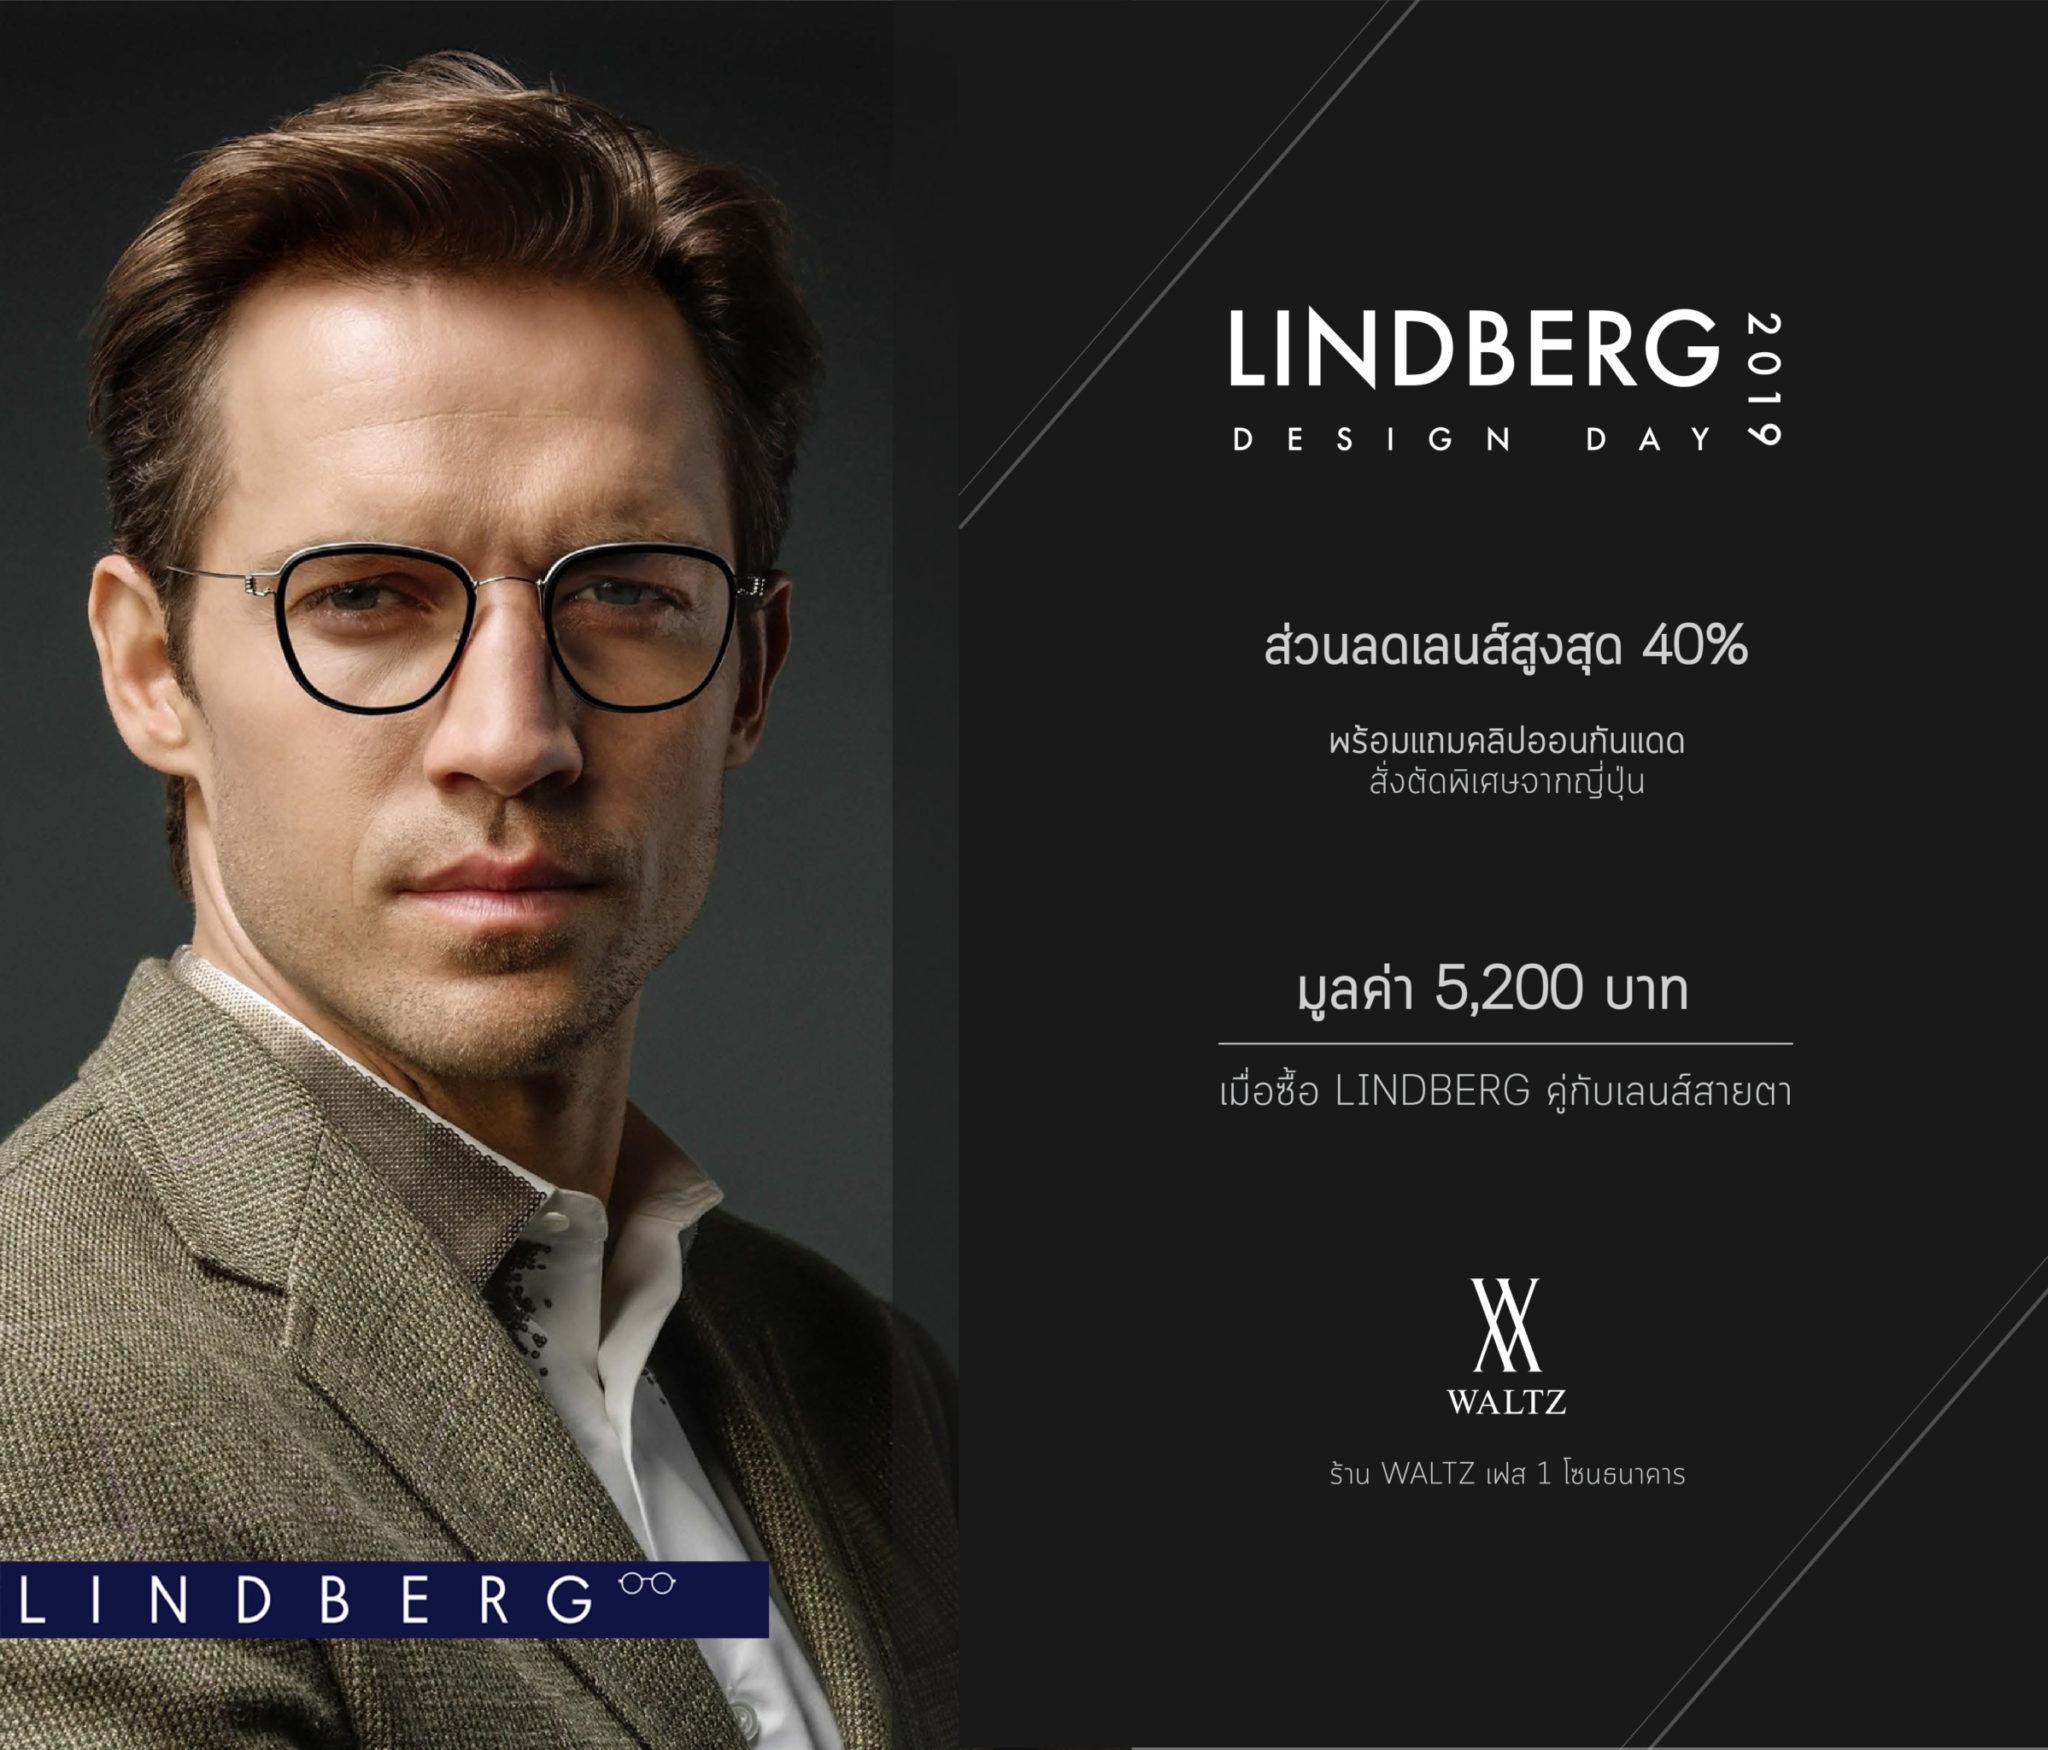 LINDBERG DESIGN DAY 13 - eyewear